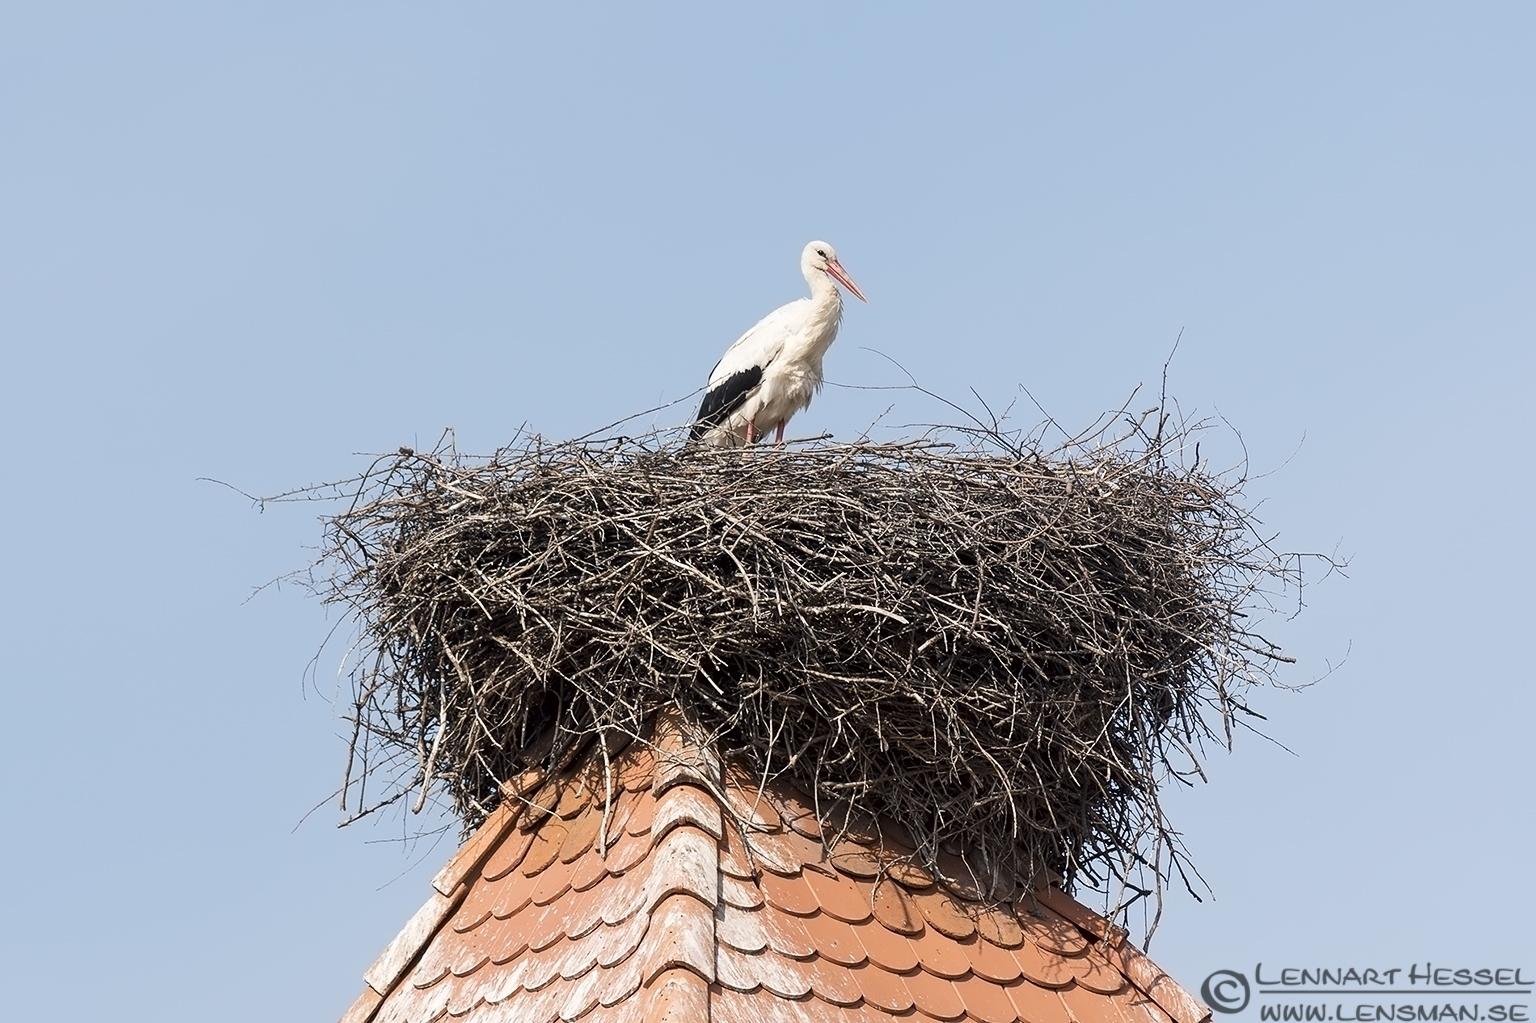 White Stork nest Transylvania, Romania